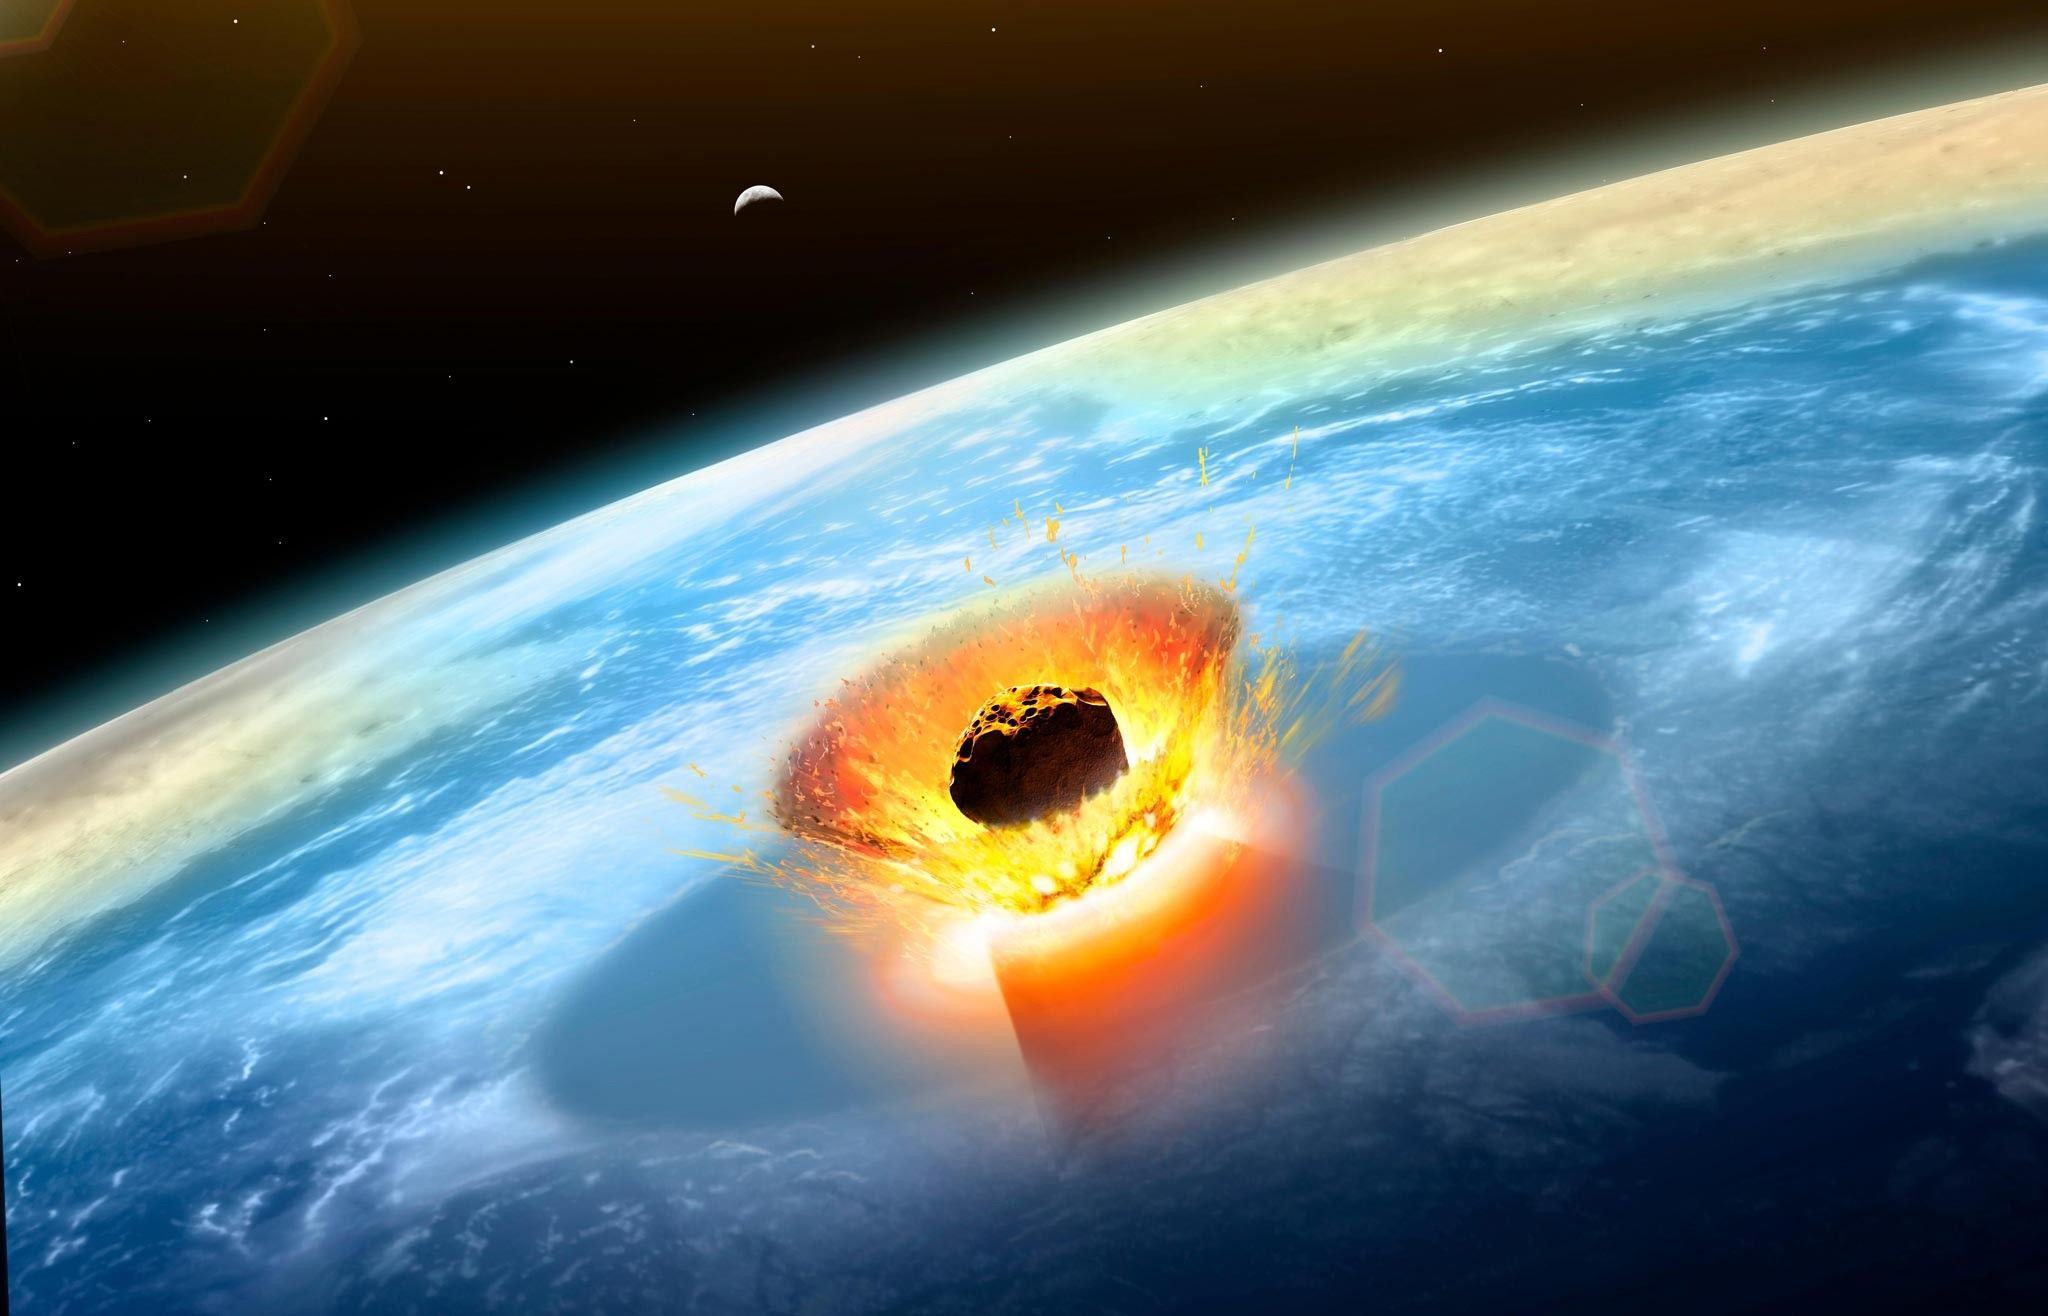 Le dernier jour de l'ère des dinosaures heure par heure | National Geographic